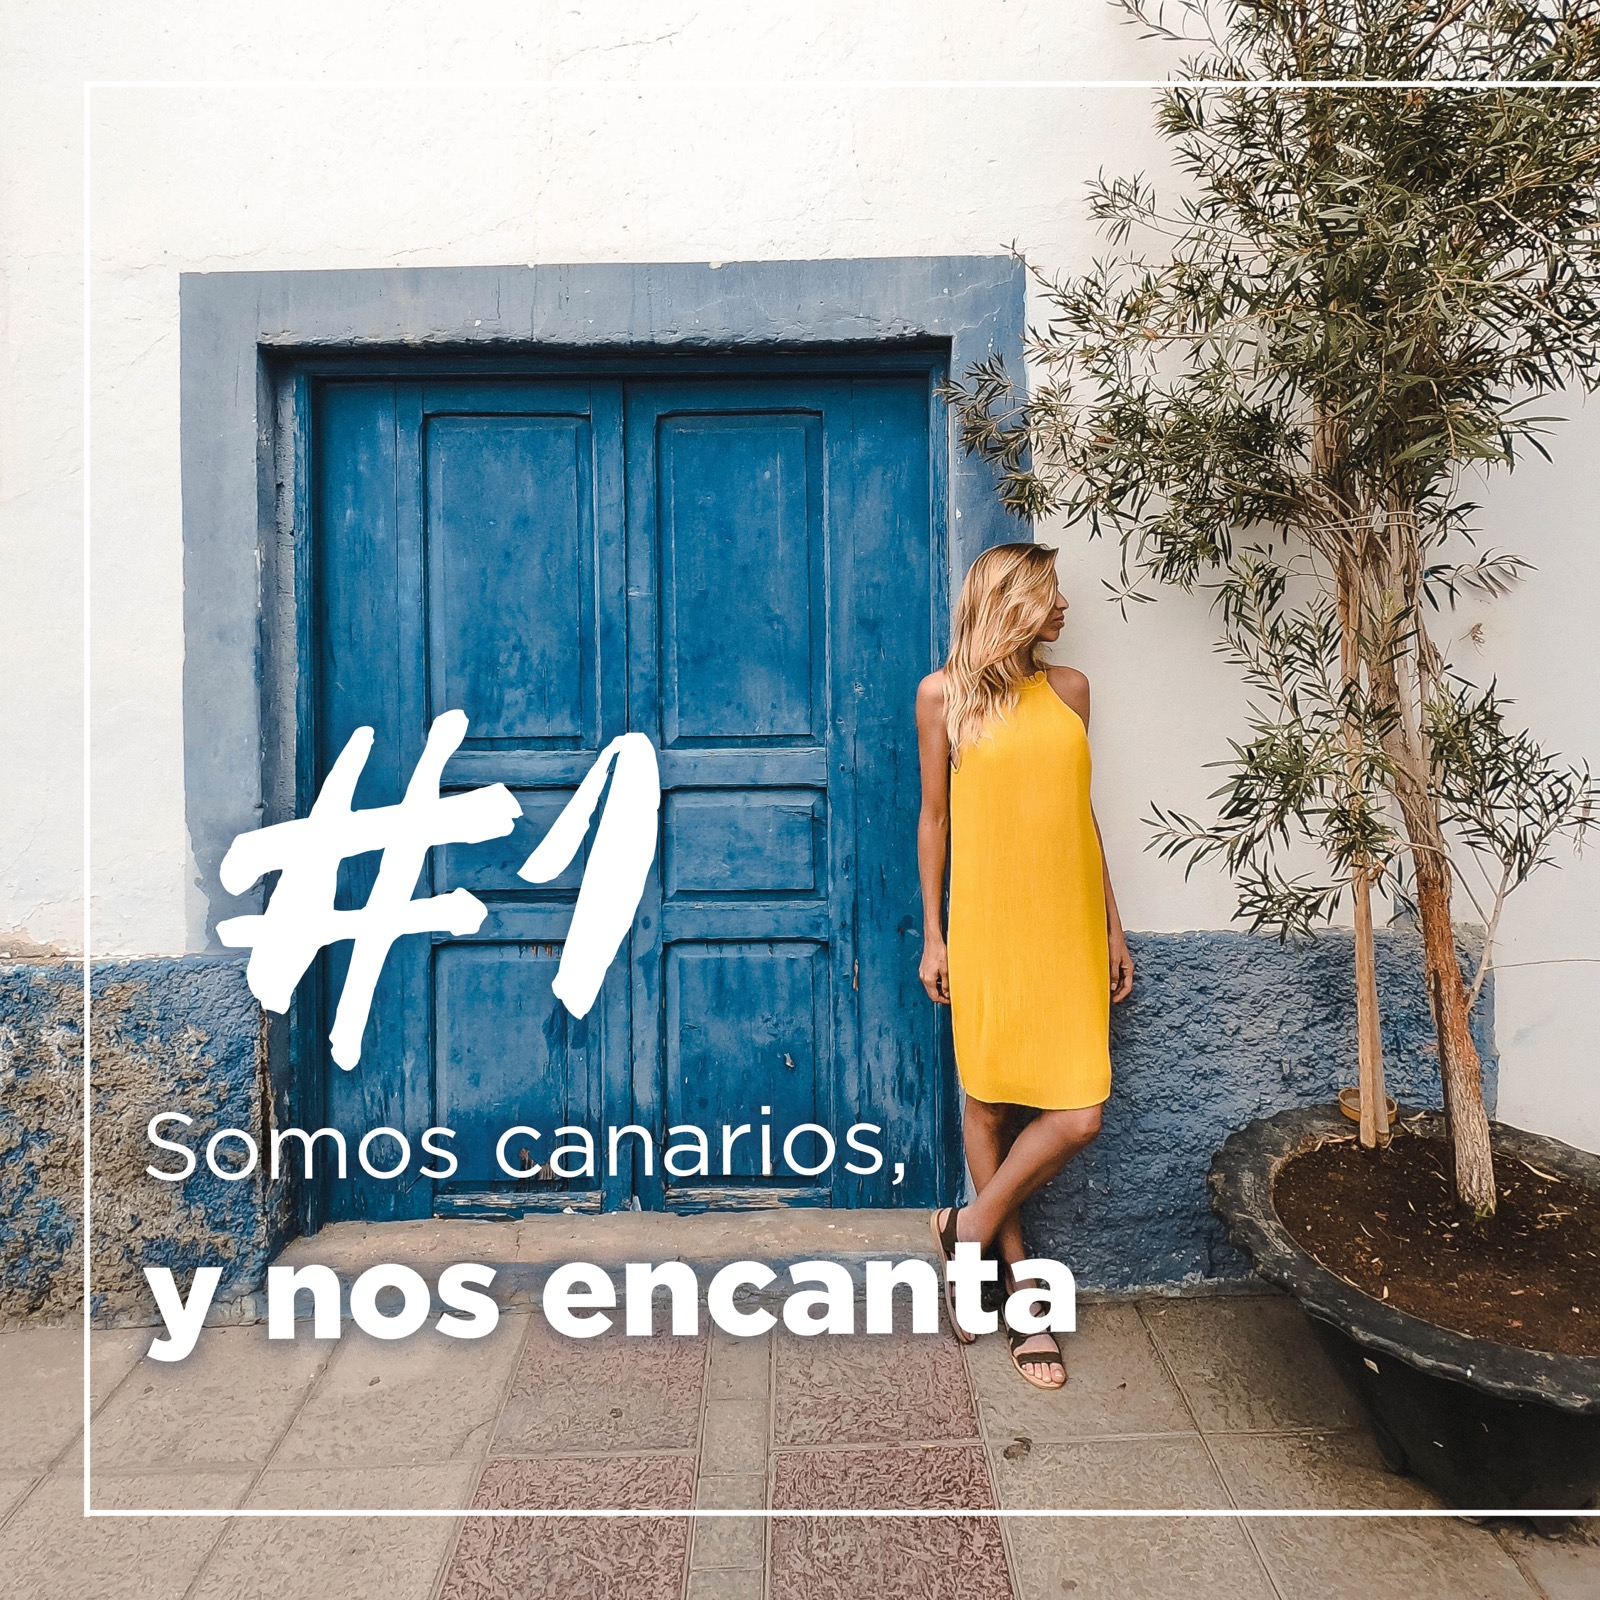 20190529_Turismo_somos canarios y nos encanta